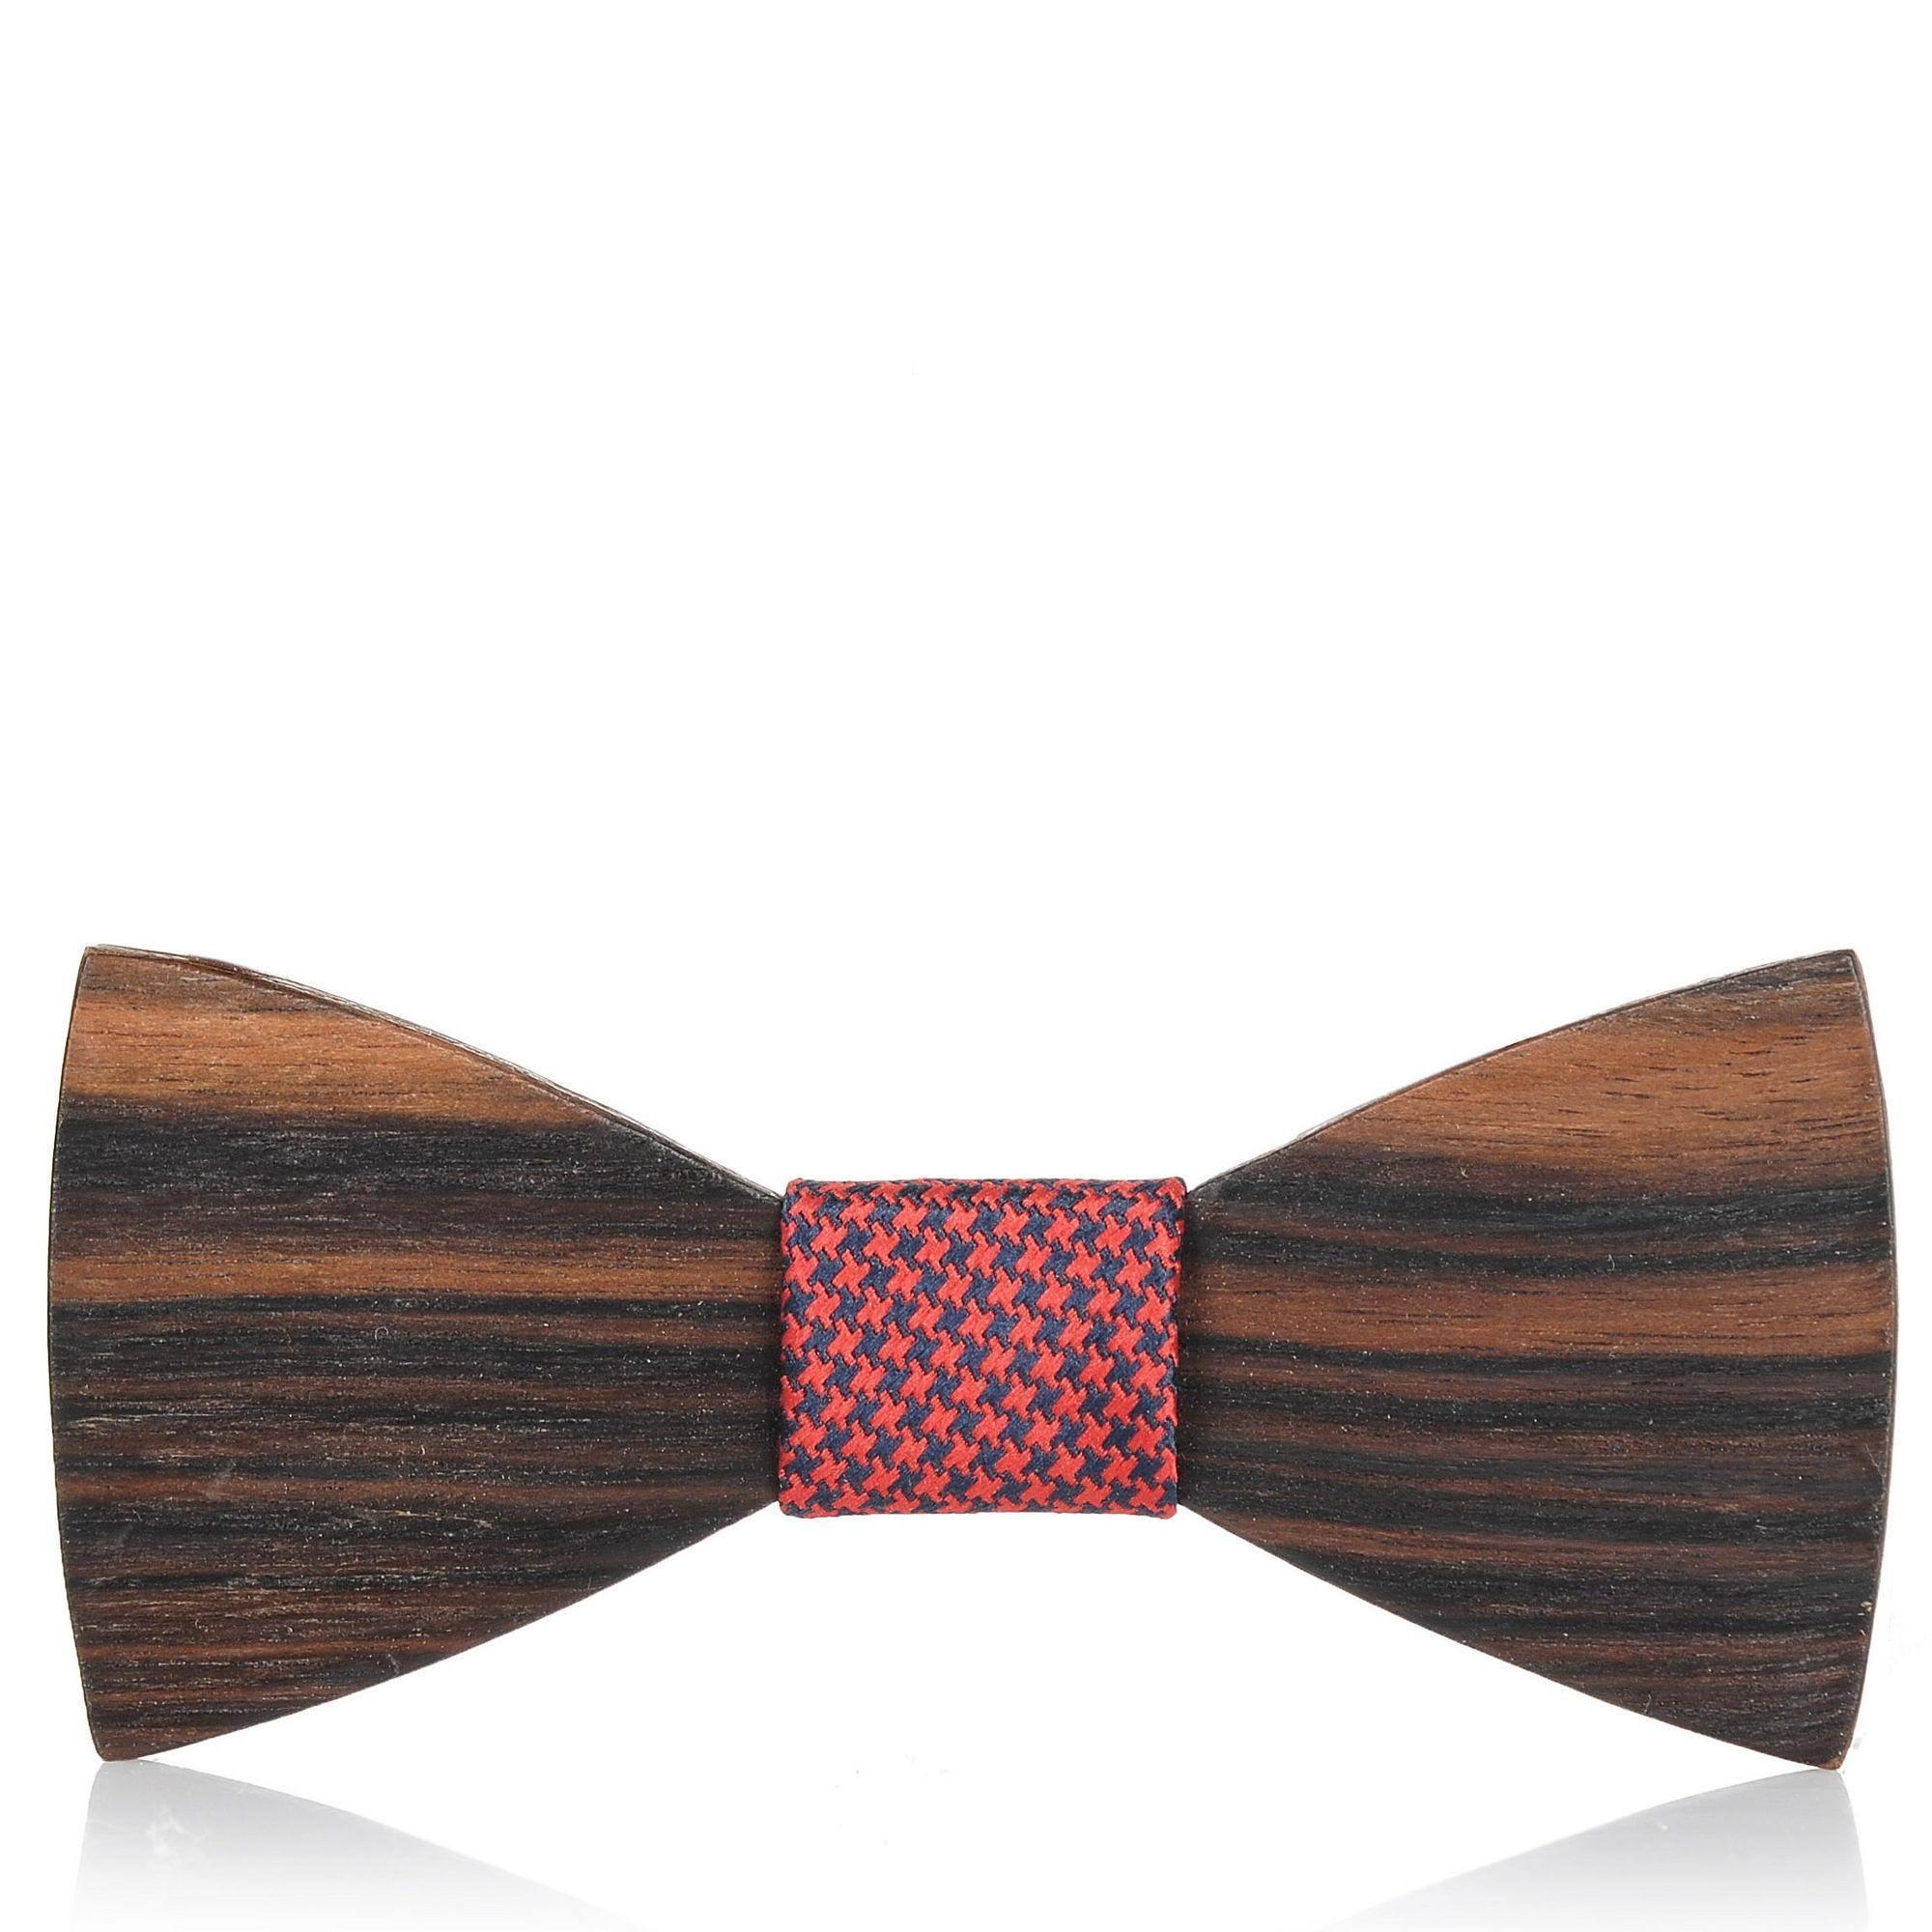 Ξύλινο Παπιγιόν 27 Wooden Accessories 1848 ανδρας   παπιγιόν